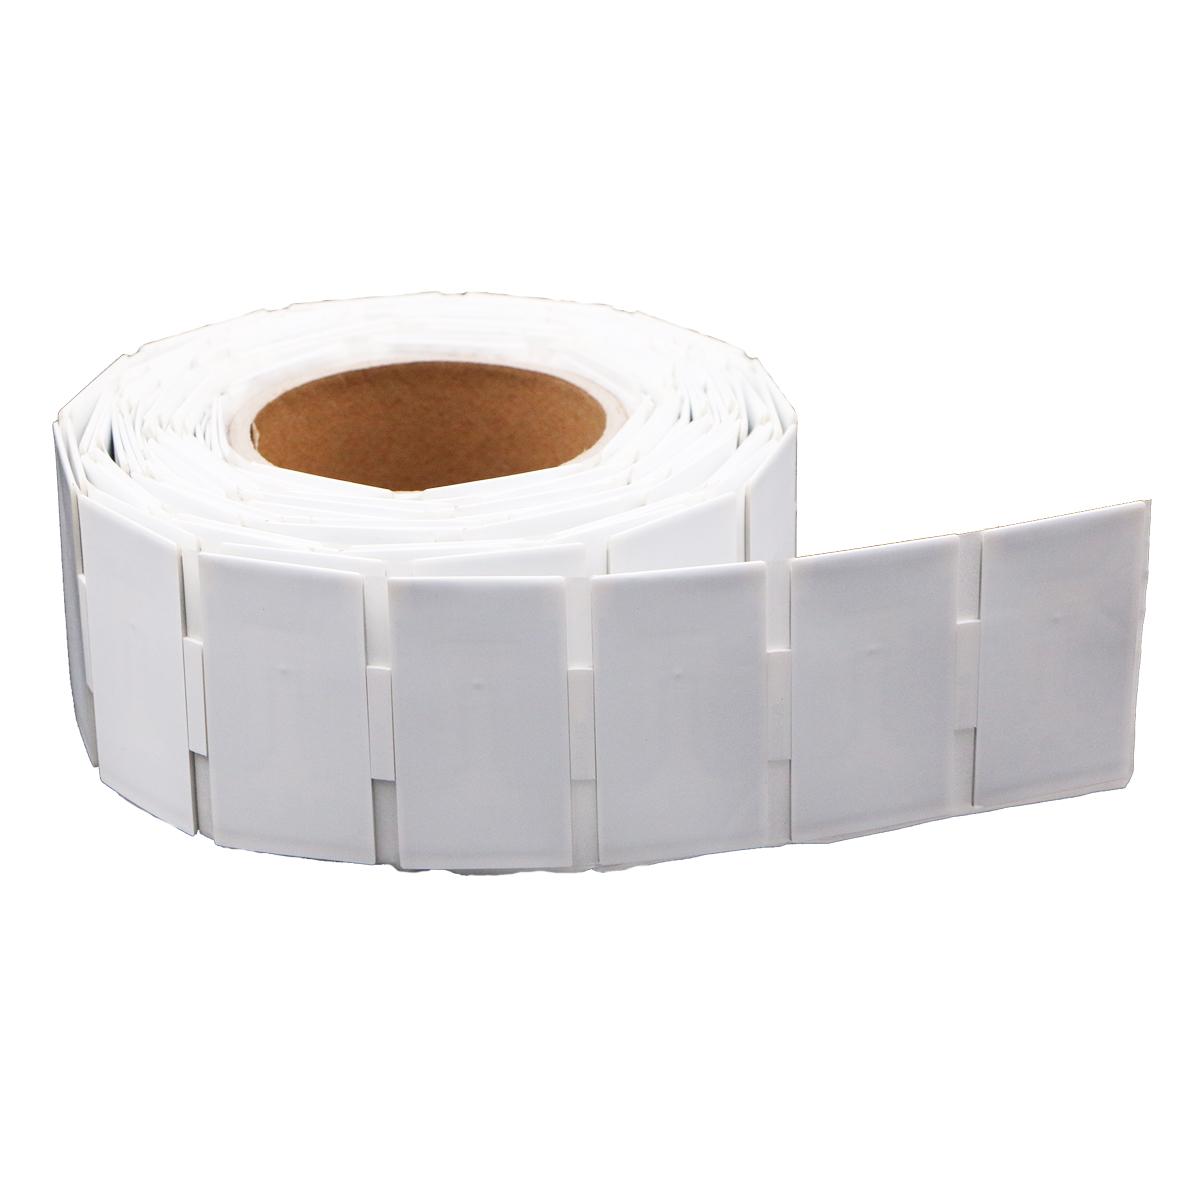 RFID UHF мітка для електроніки або металевих виробів гнучка